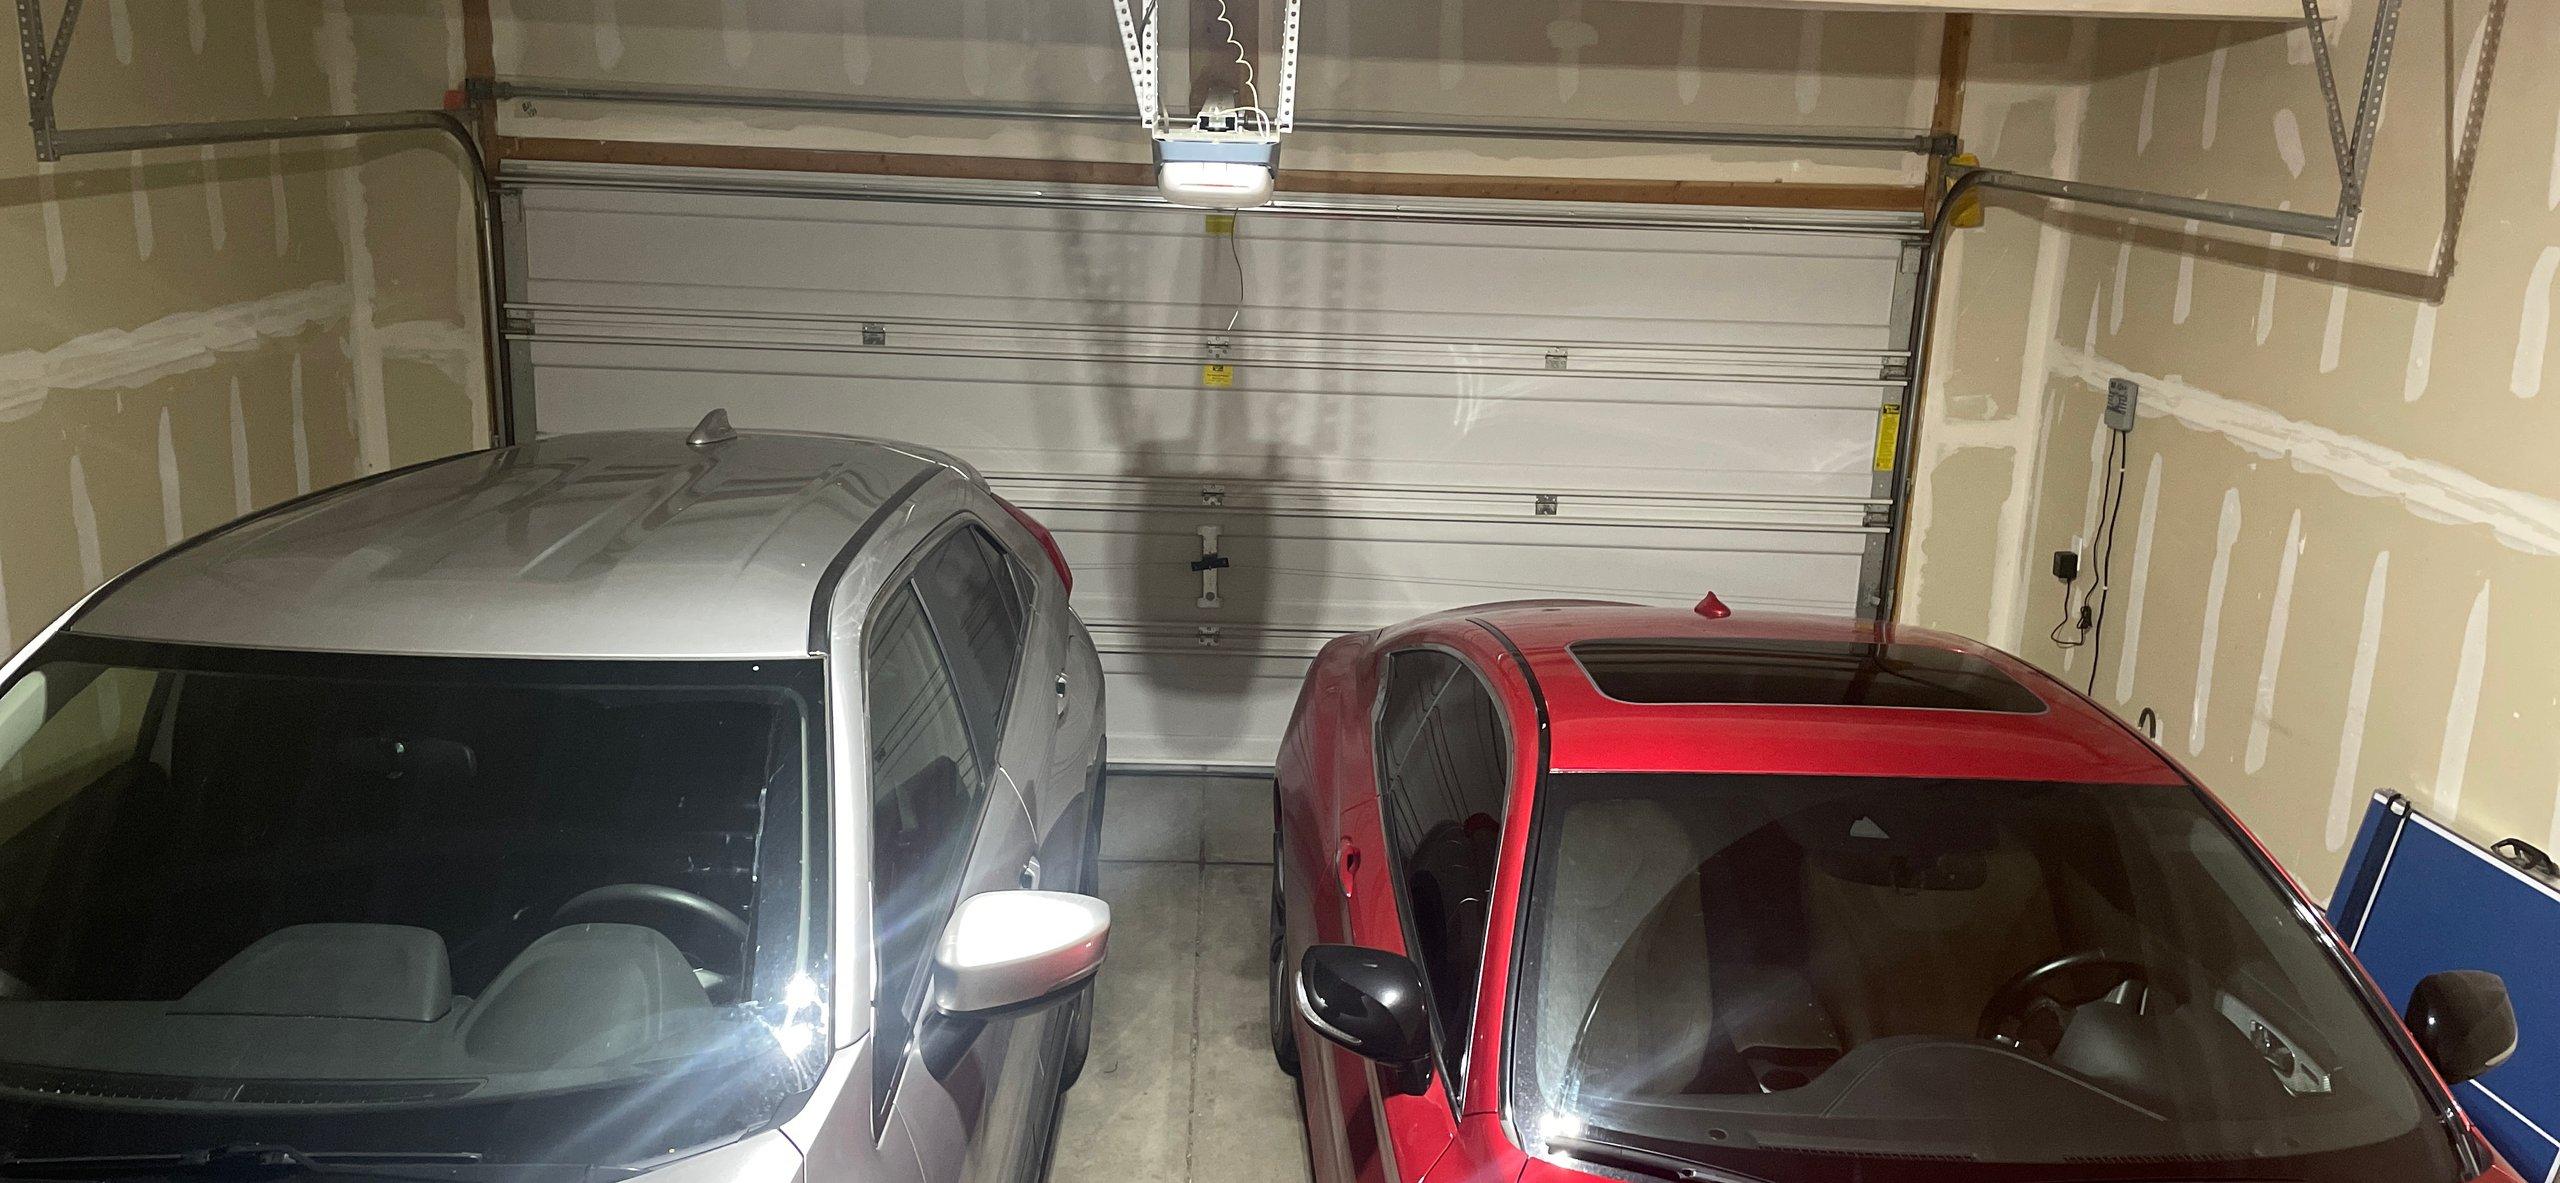 25x20 Garage self storage unit